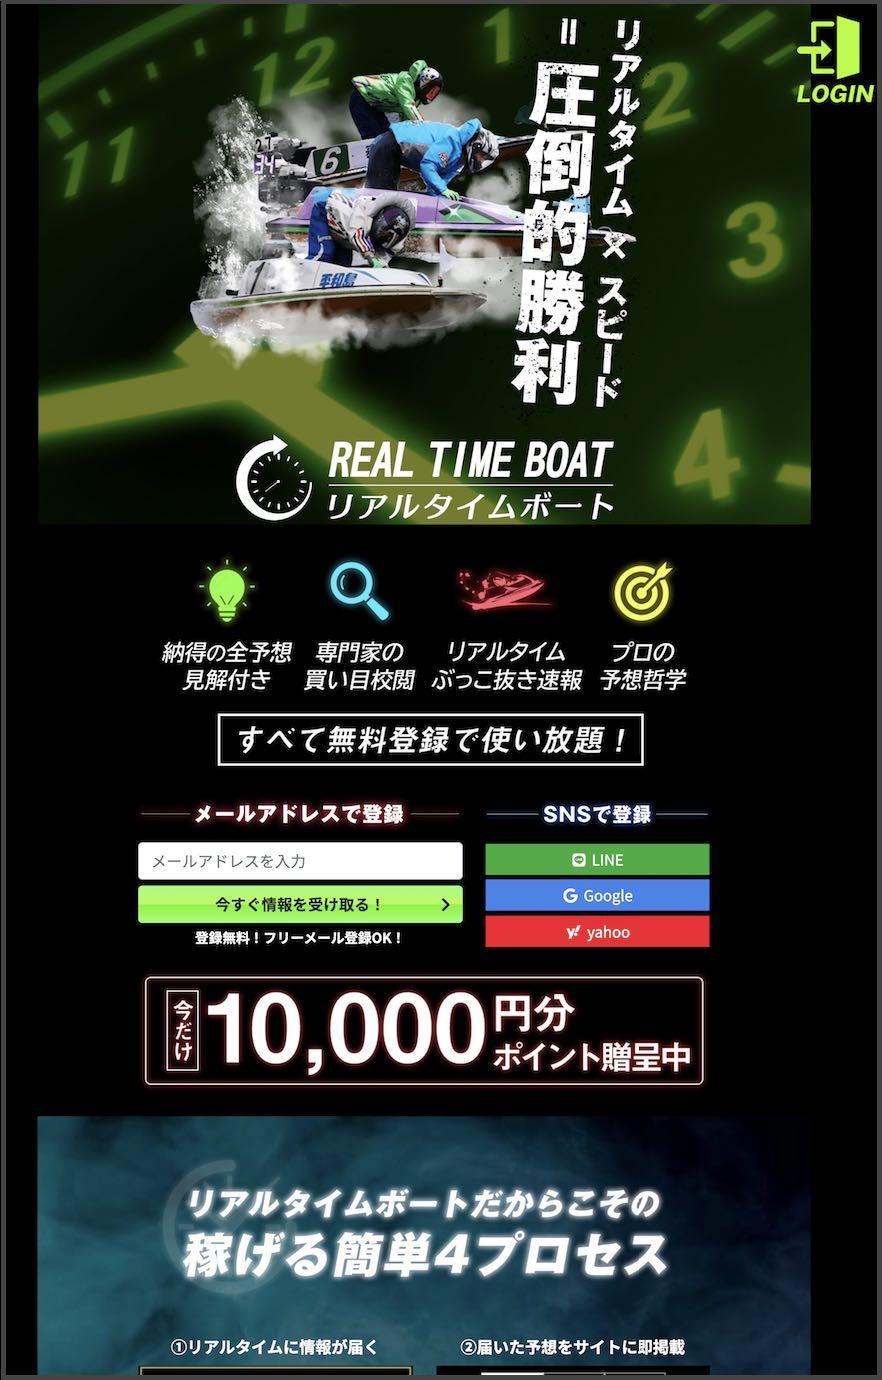 リアルタイムボートという競艇予想サイト(ボートレース予想サイト)の非会員TOPページ